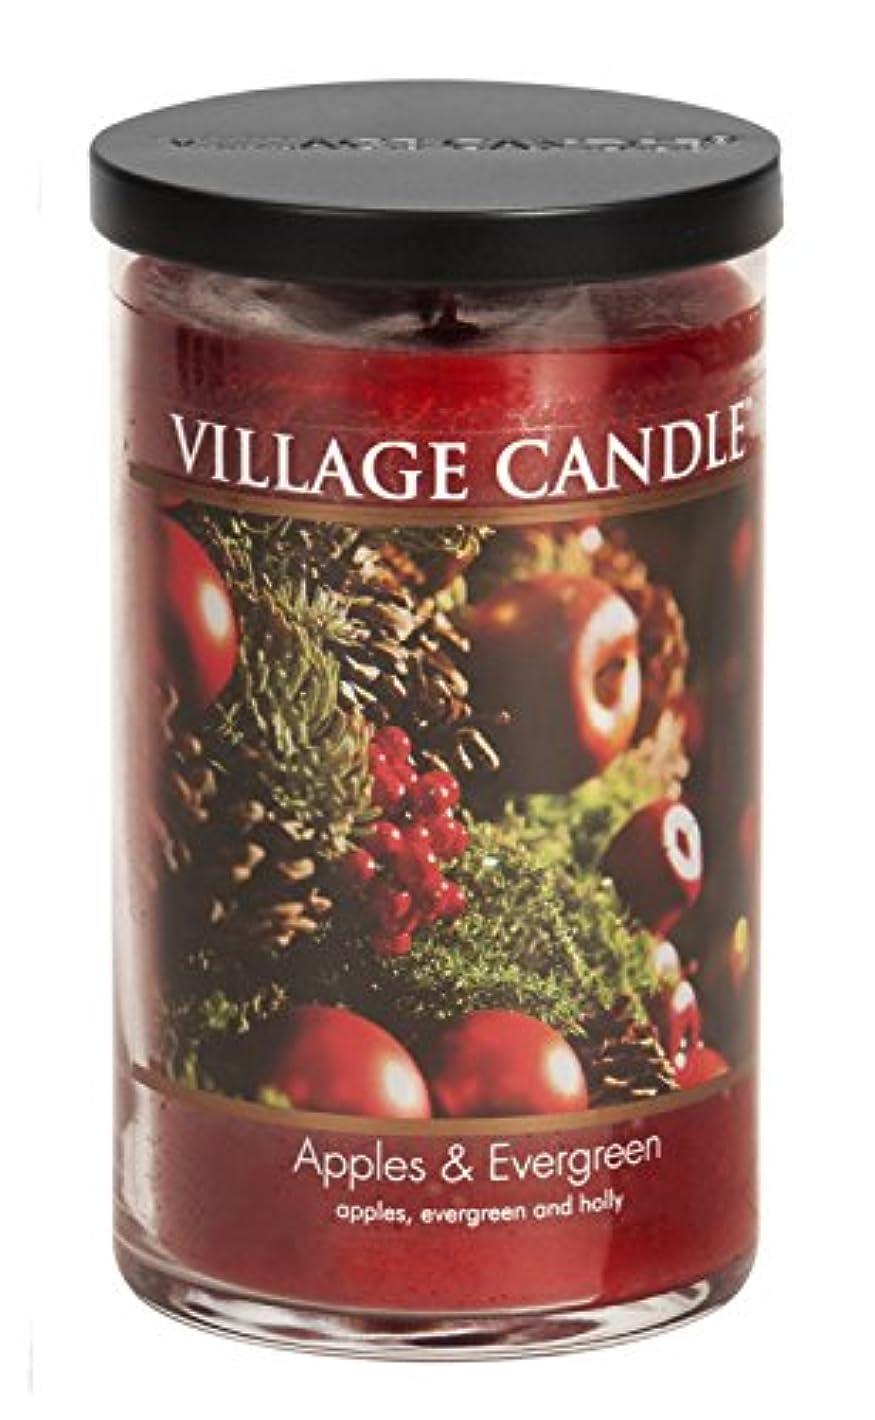 演じるヒロイン侵略Village Candle Apples & Evergreen 24 ozガラスタンブラーScented Candle, Large